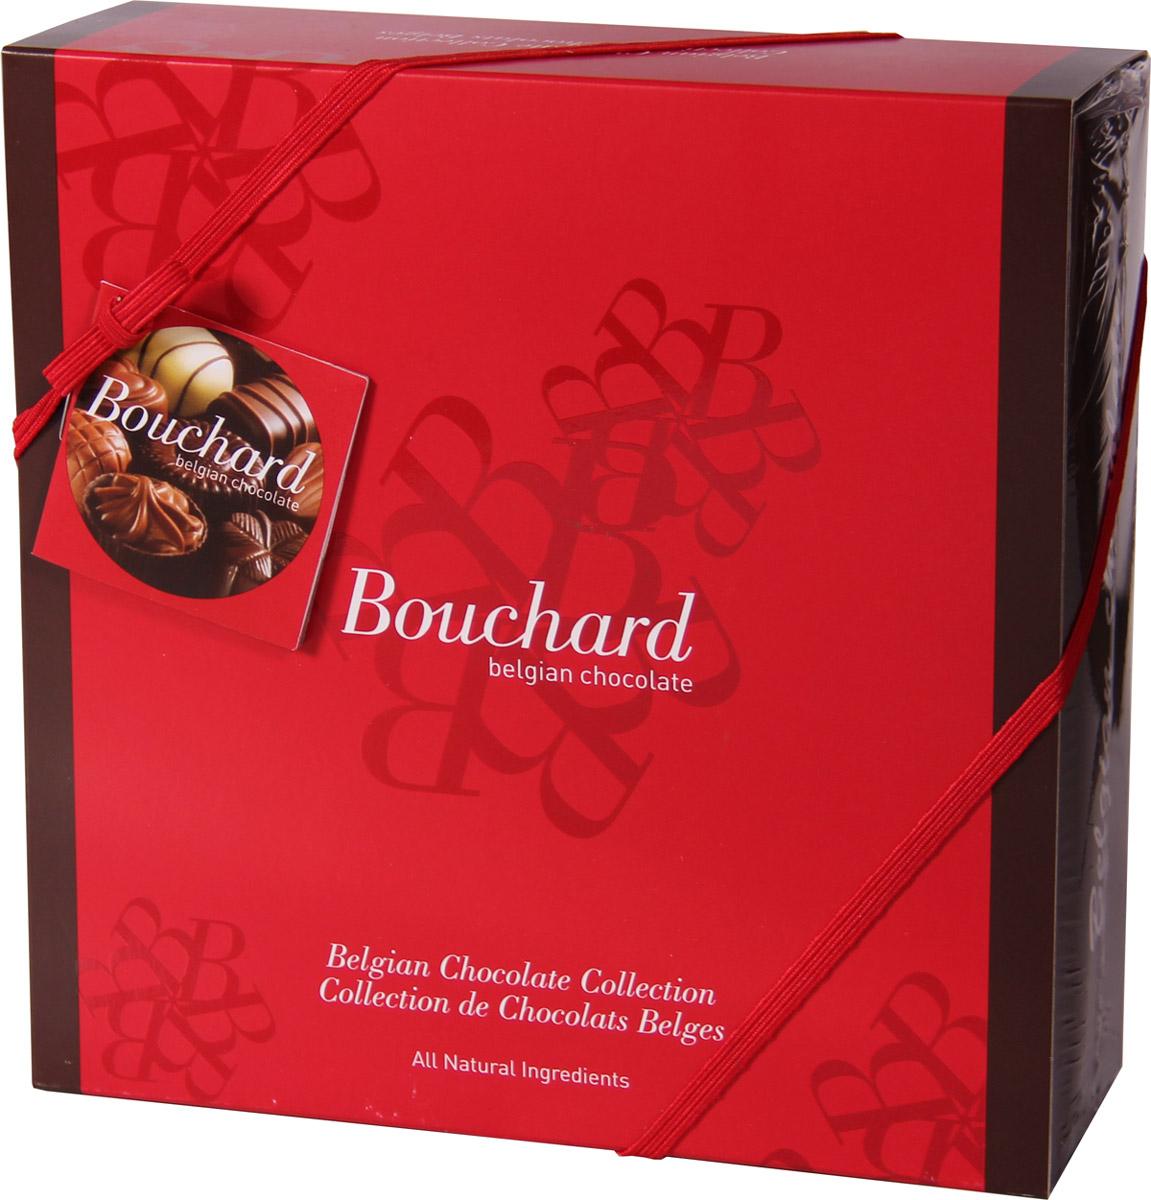 Bouchard Ассорти Премиум Бельгийская Шоколадная коллекция, 500 г50580102Восхитительные бельгийские шоколадные конфеты BOUCHARD L'ESCAUT Ассорти Премиум произведут впечатление на самого разборчивого знатока шоколада.Конфеты Bouchard наполнены нежнейшим кремом с добавлением миндаля и фундука. Покрыты изысканным бельгийским шоколадом. Отличаются ароматом ванили и насыщенным вкусом с притягательной терпкостью.Бельгийцы - непревзойденные мастера в приготовлении шоколада - считают это лакомство лучшим подарком. Нежный, буквально тающий во рту, он доставит удовольствие всем любителям сладкого.